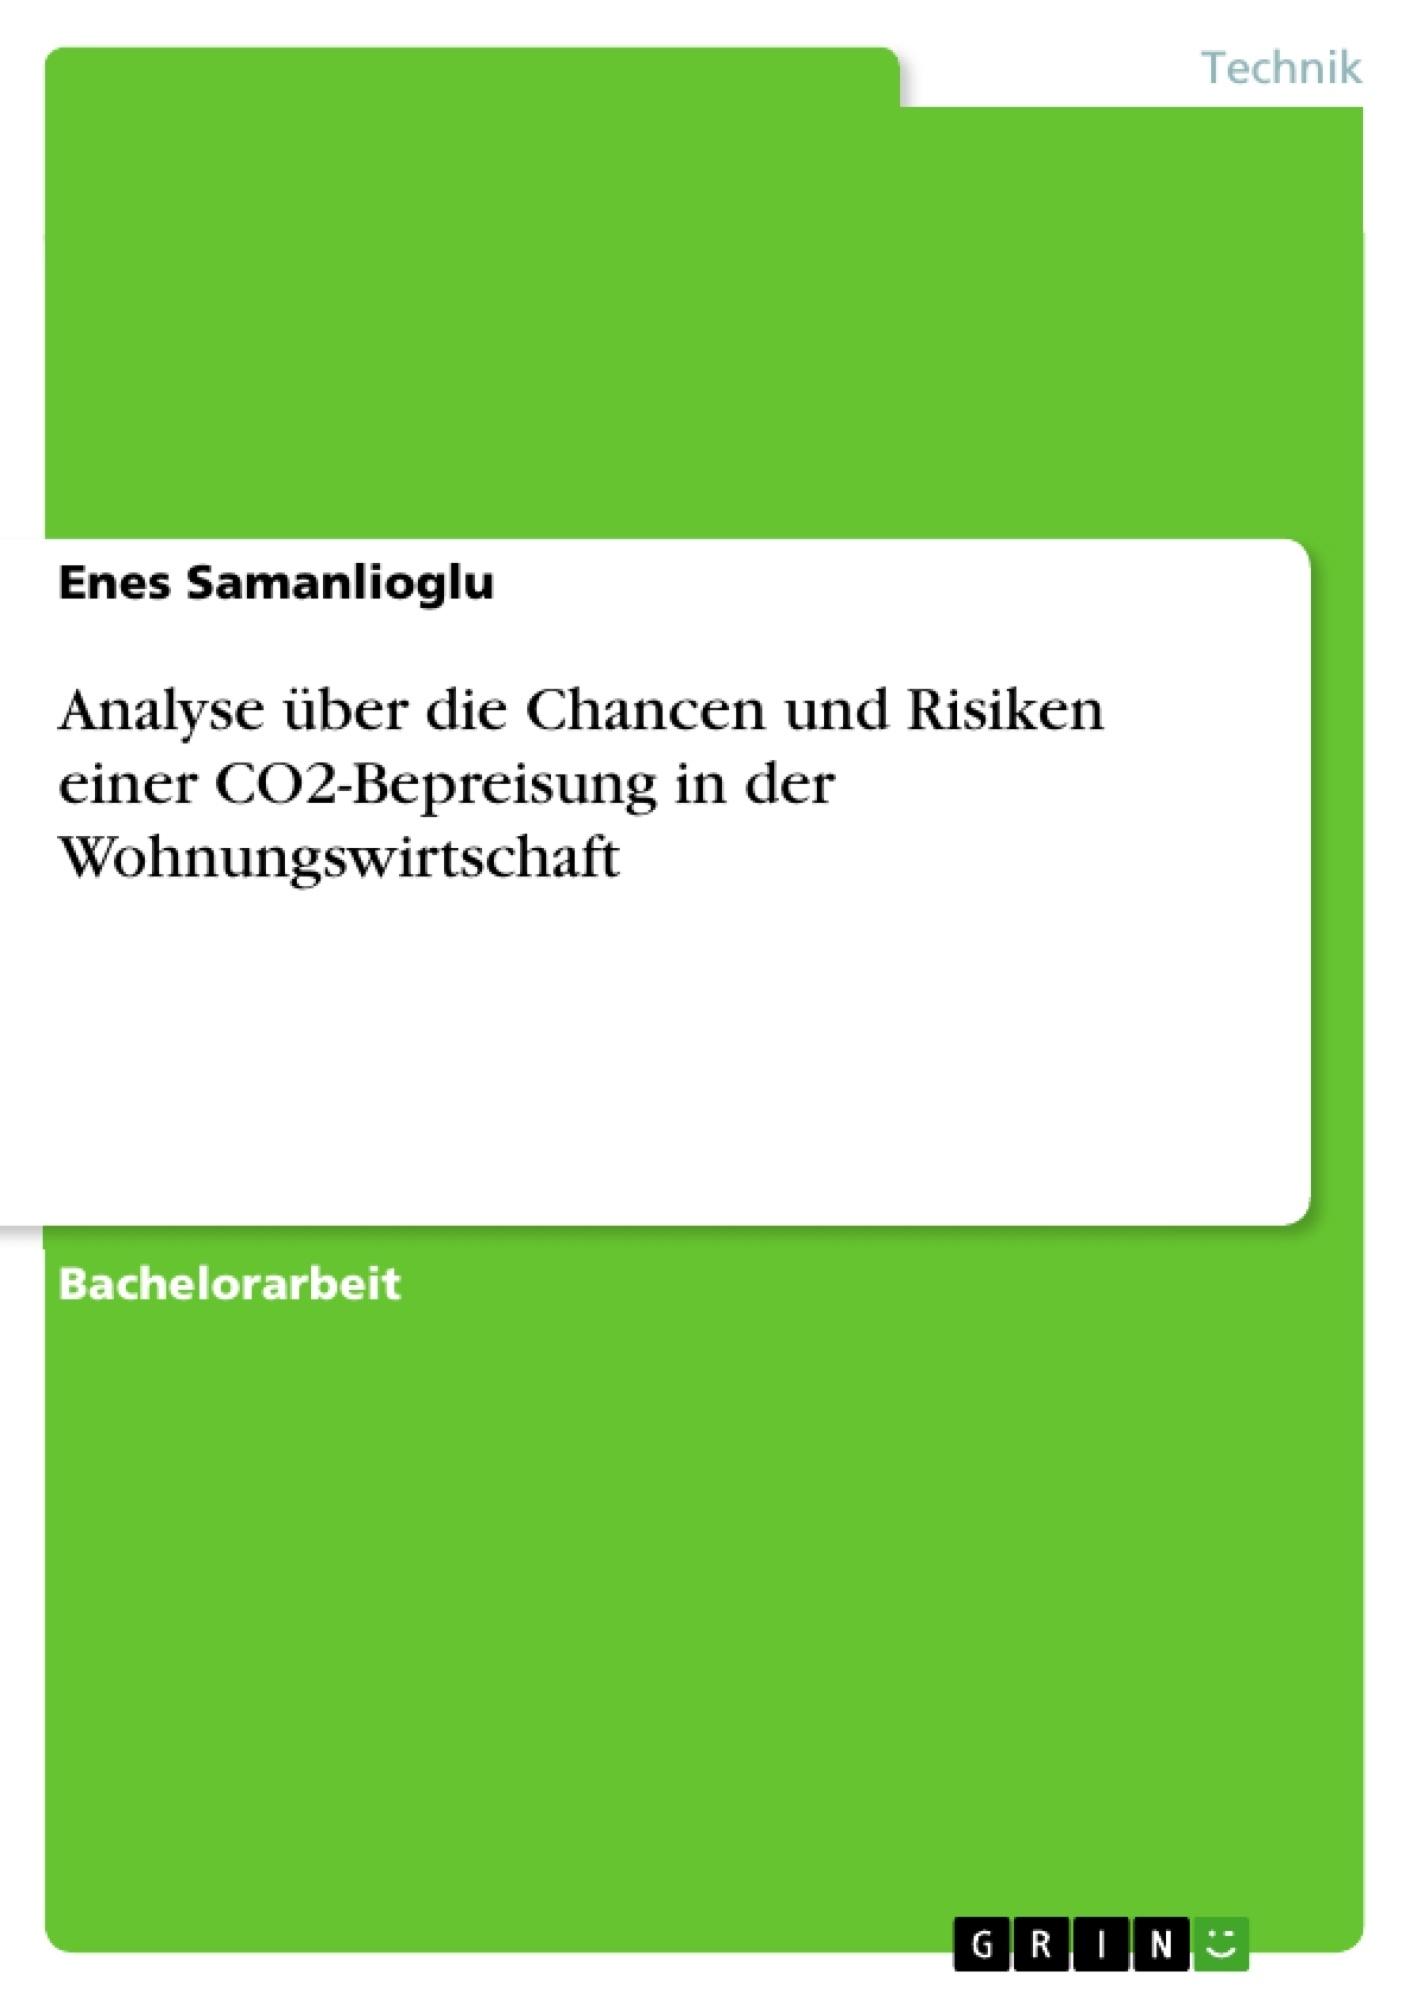 Titel: Analyse über die Chancen und Risiken einer CO2-Bepreisung in der Wohnungswirtschaft